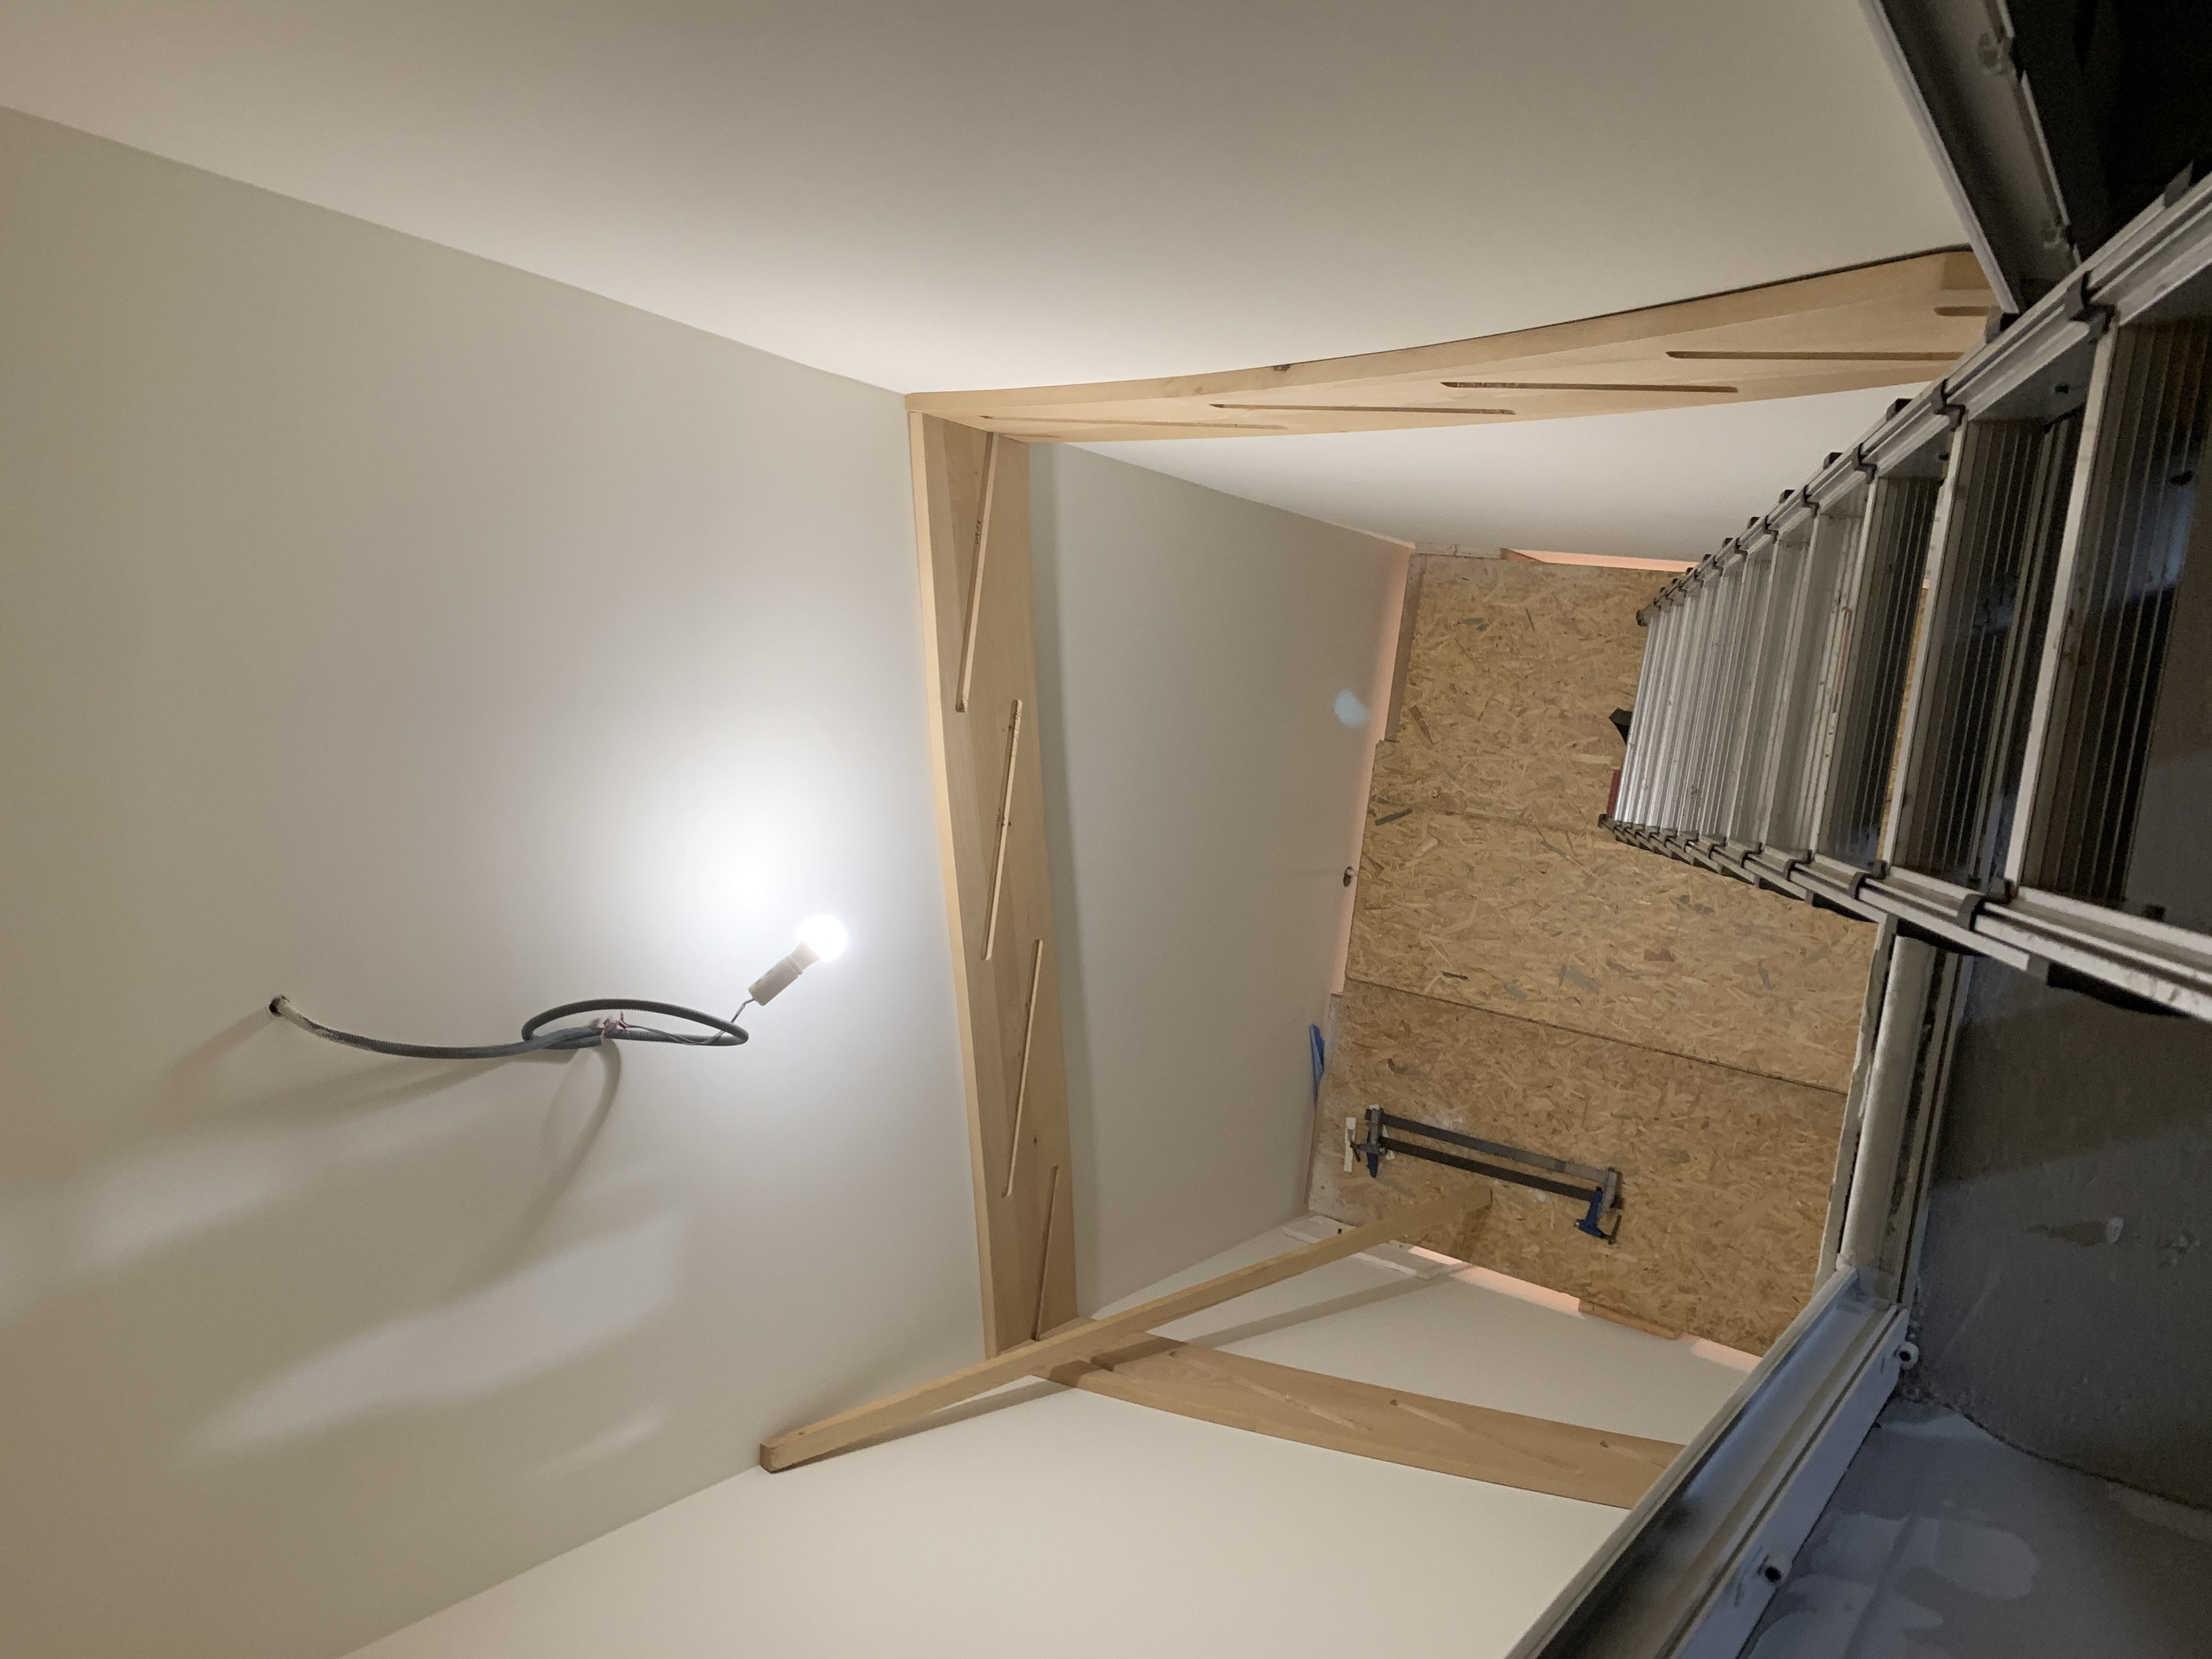 Escalier en hêtre sur deux niveaux à Chissey sur Loue. (39)